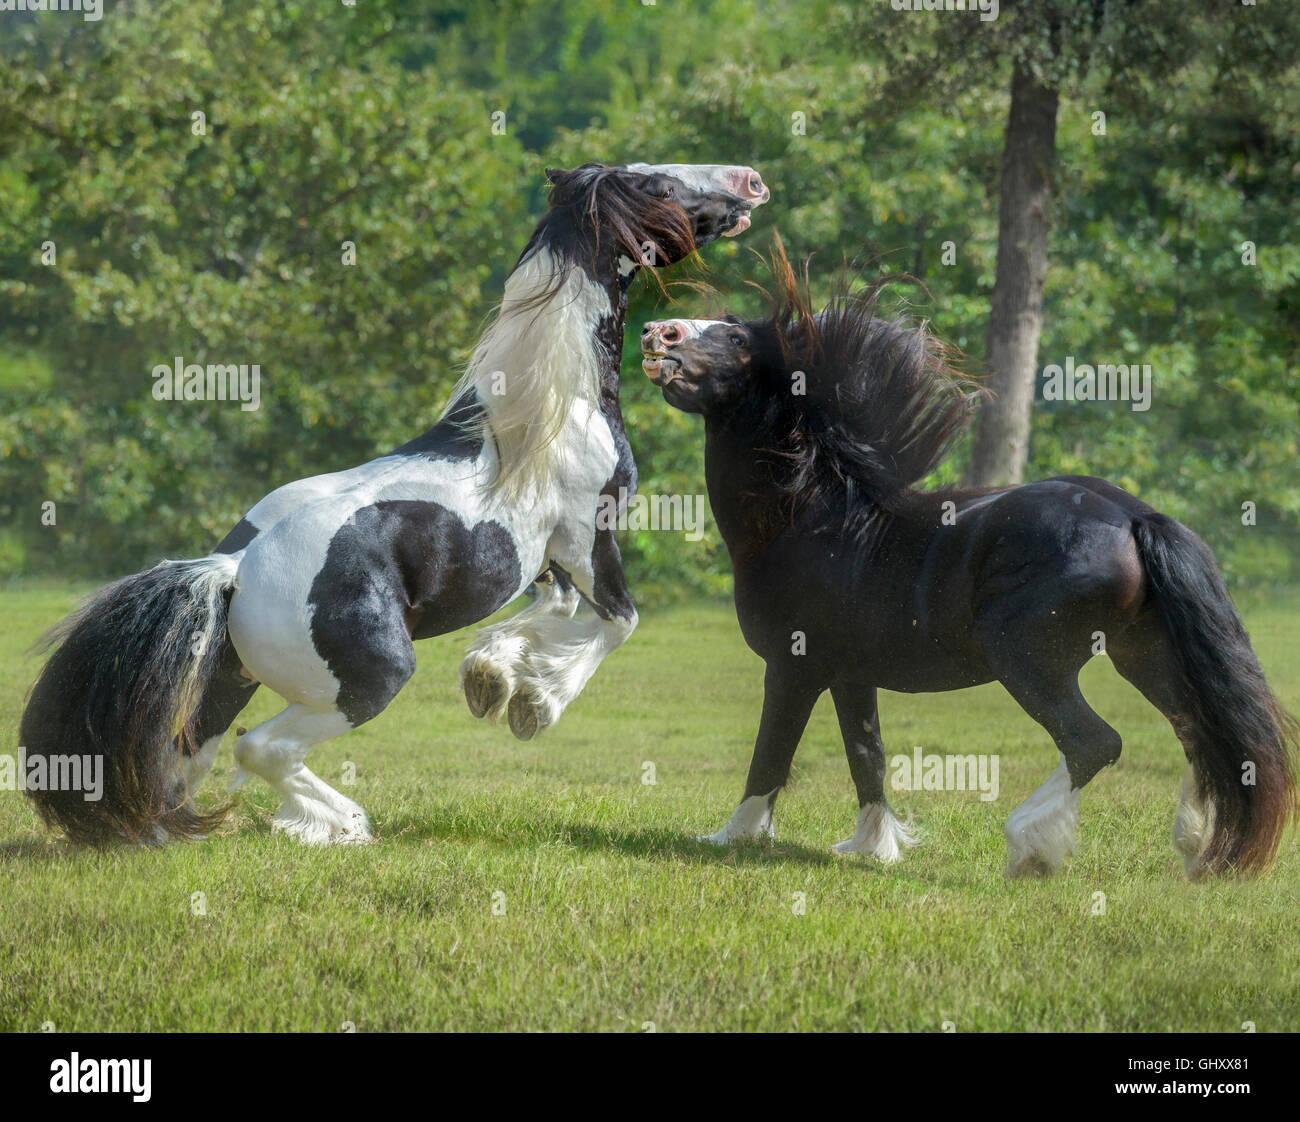 4 anno vecchio Gypsy Vanner cavallo roughouse stalloni e giocare Immagini Stock